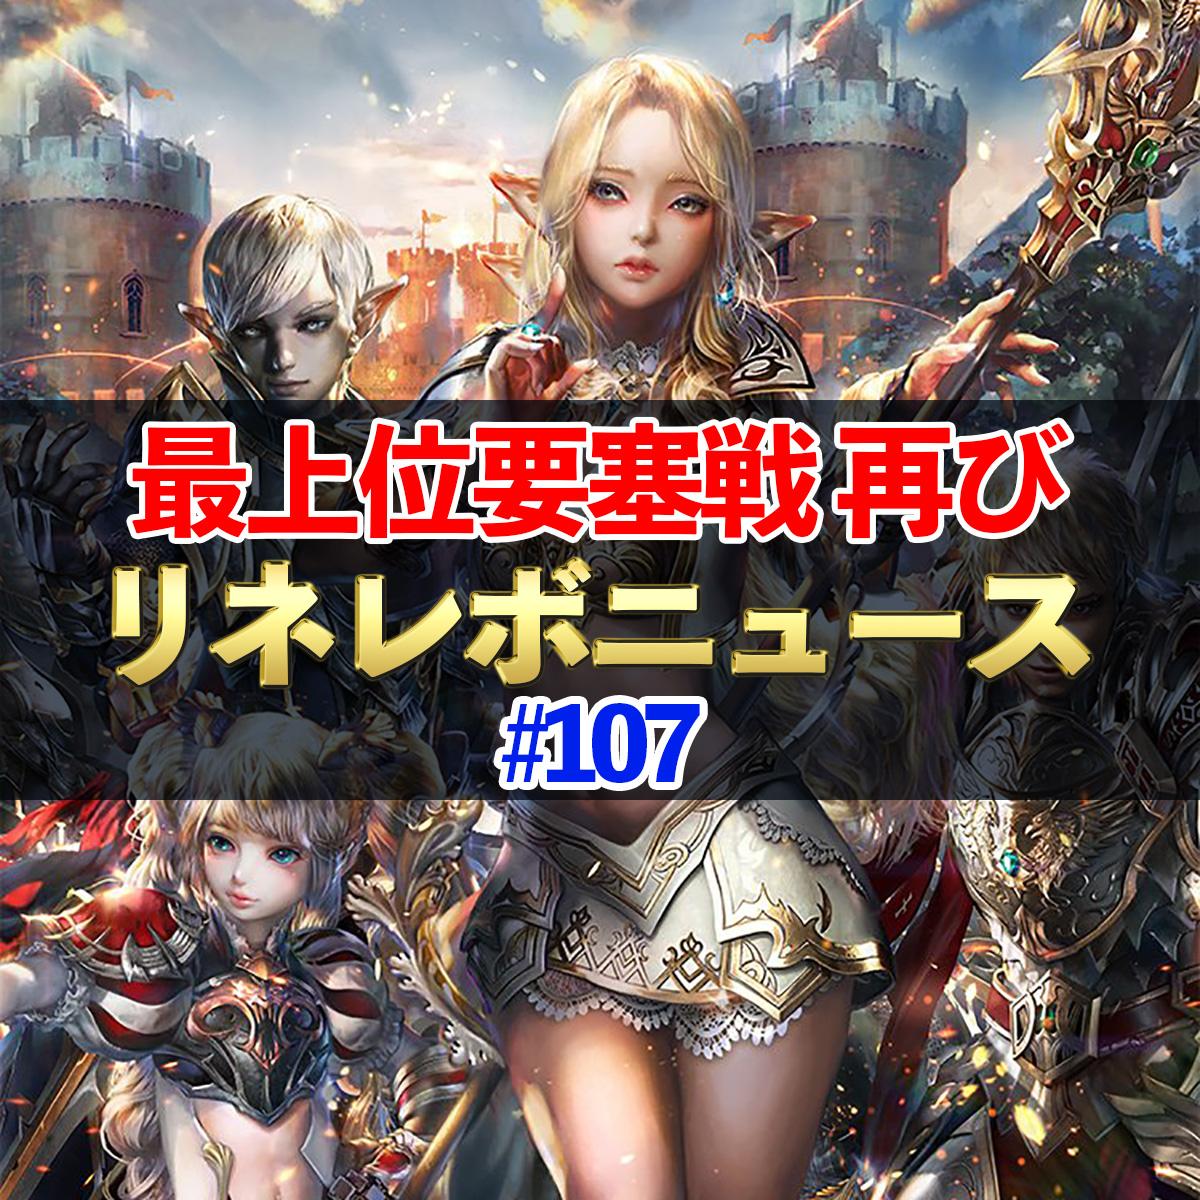 【リネレボ】最上位要塞戦再び! リネレボニュース#107